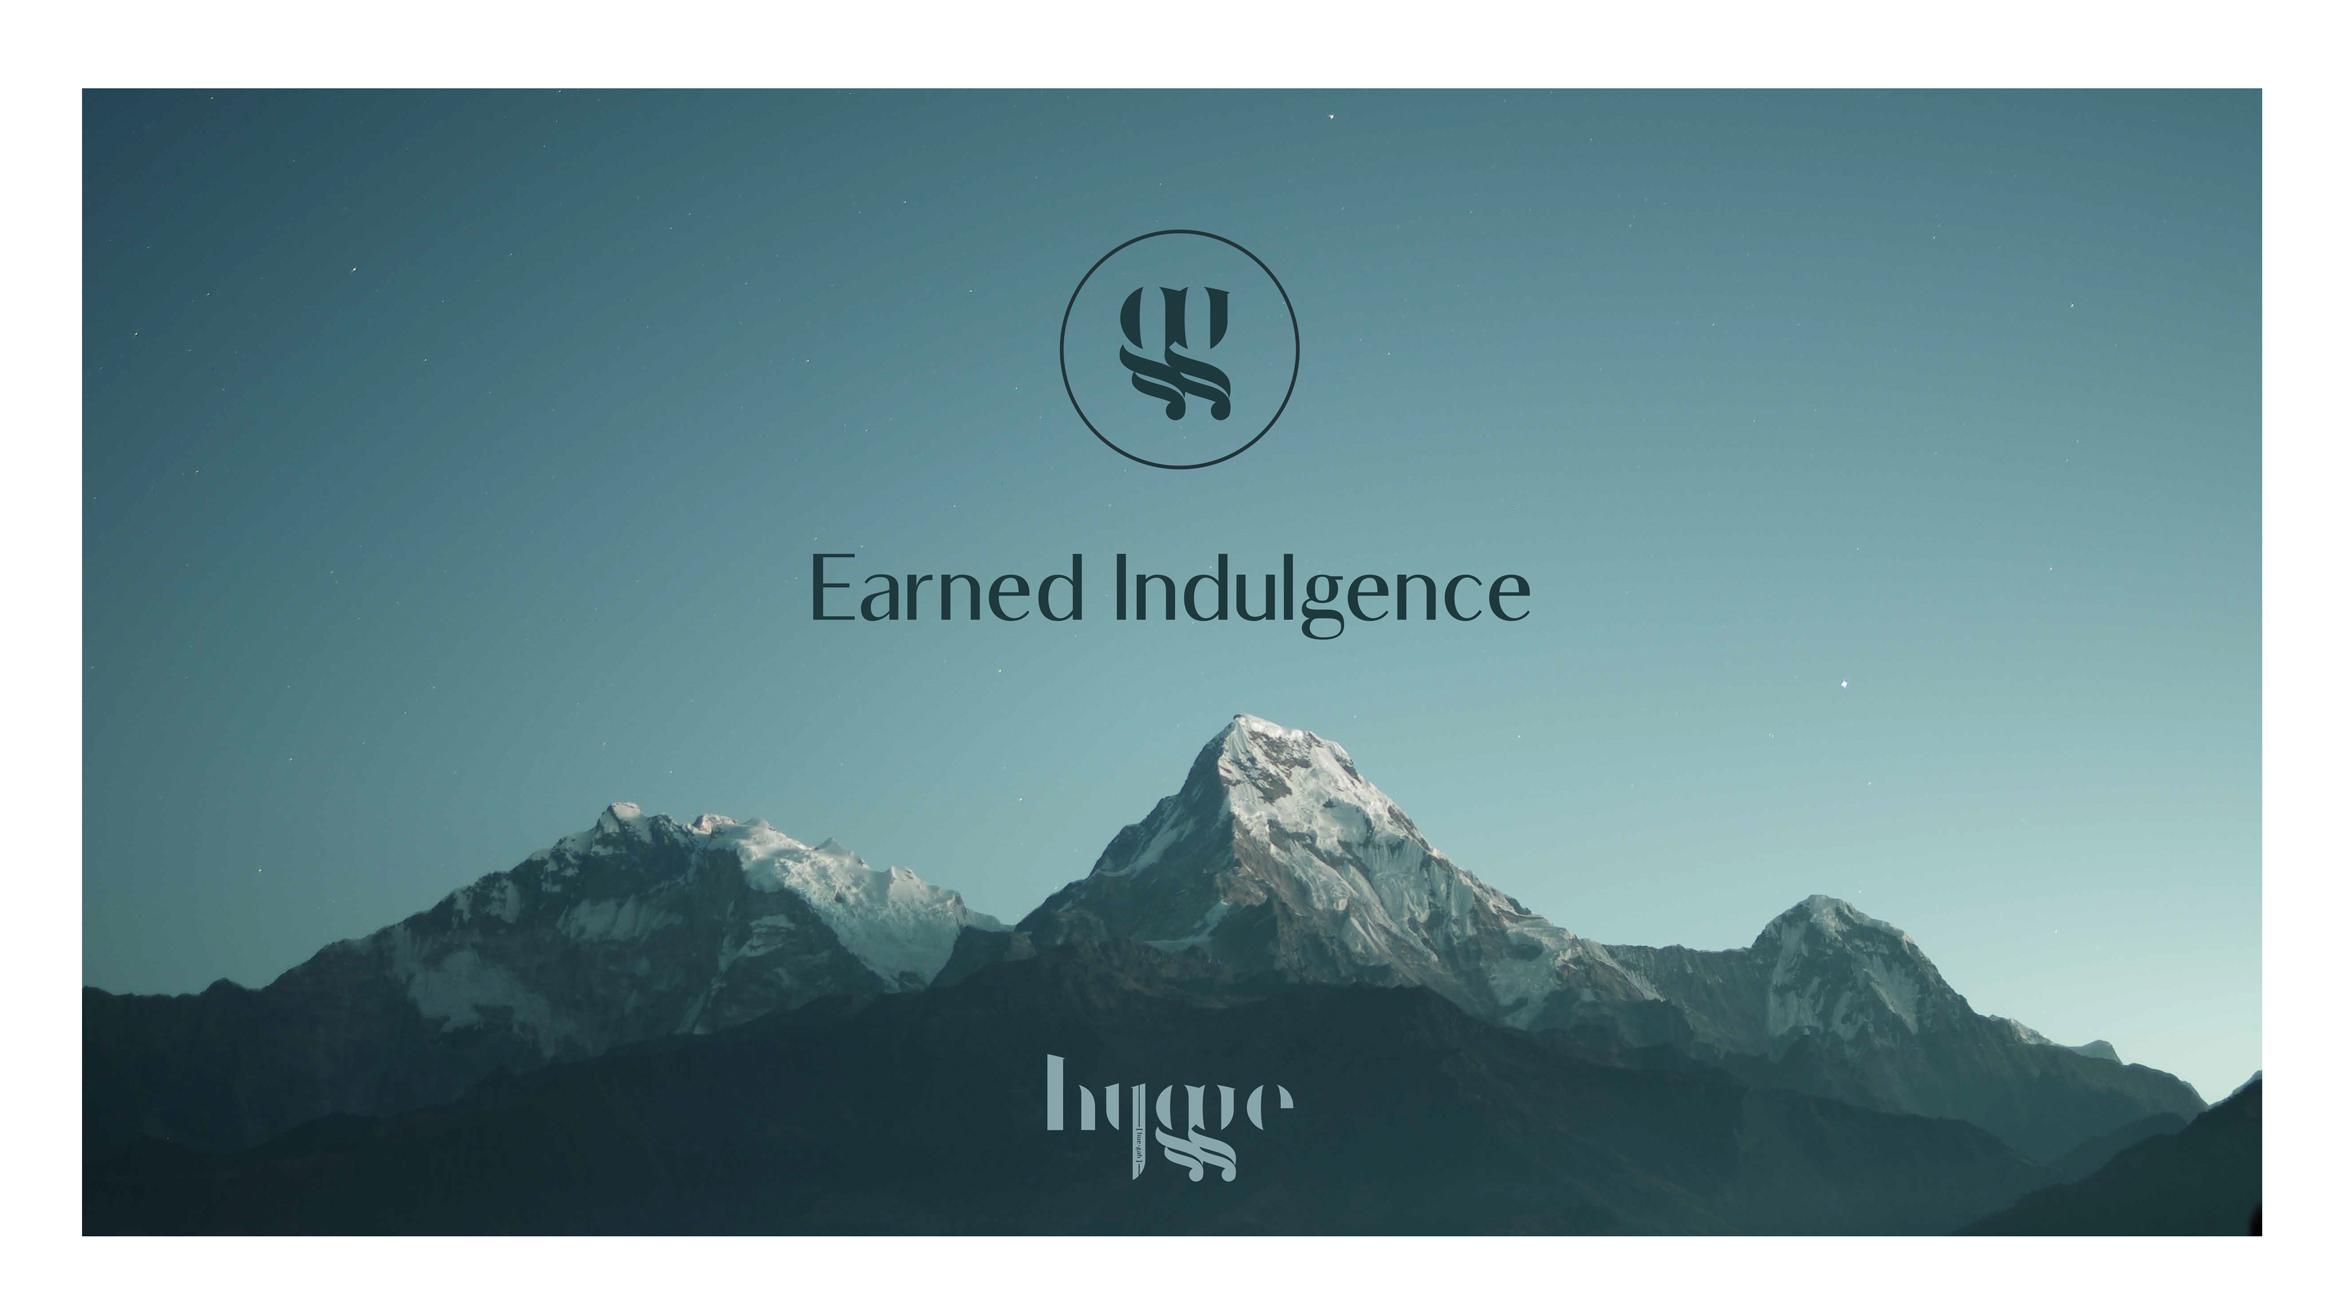 Hygge Rum - Earned Indulgence